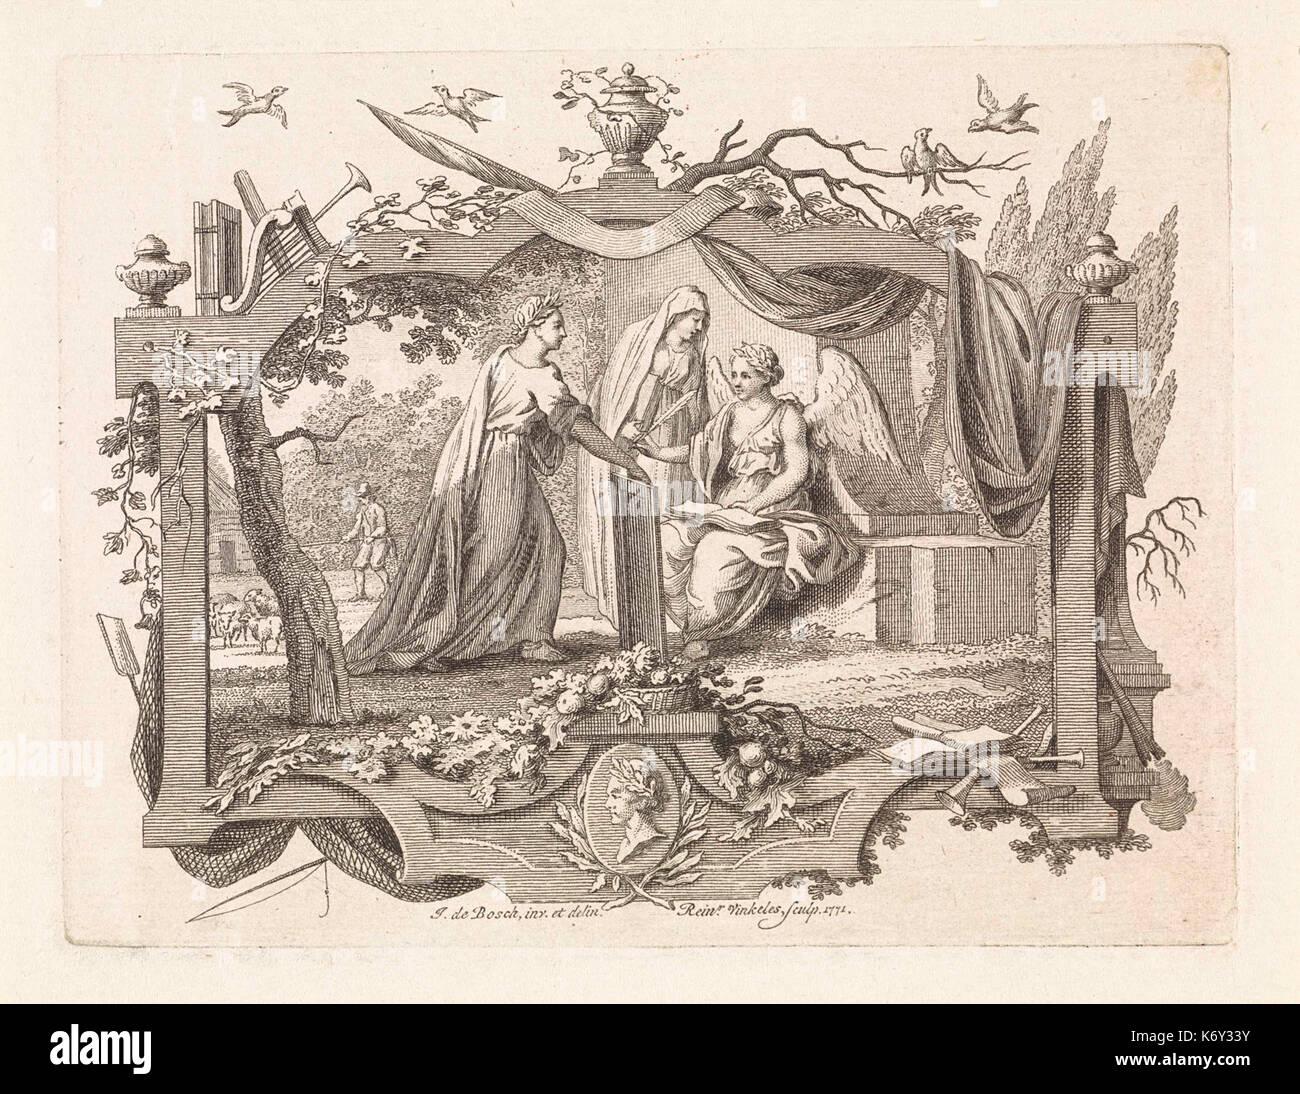 Engel en twee vrouwen in een allegorische omlijsting - Stock Image